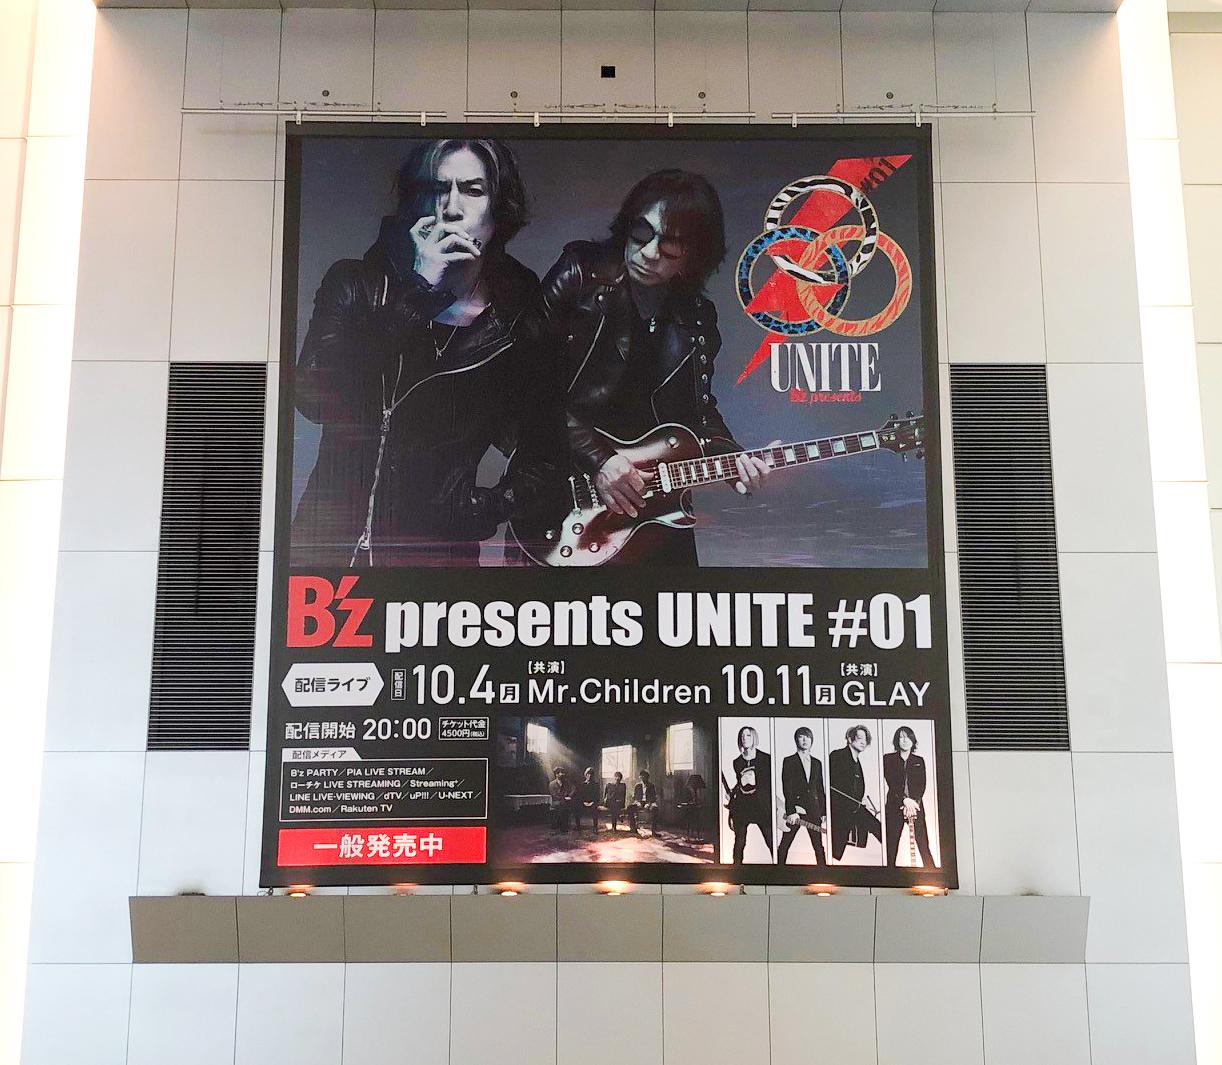 クイーンズスクエア横浜に掲出された『B'z presents UNITE #01』の巨大広告の写真